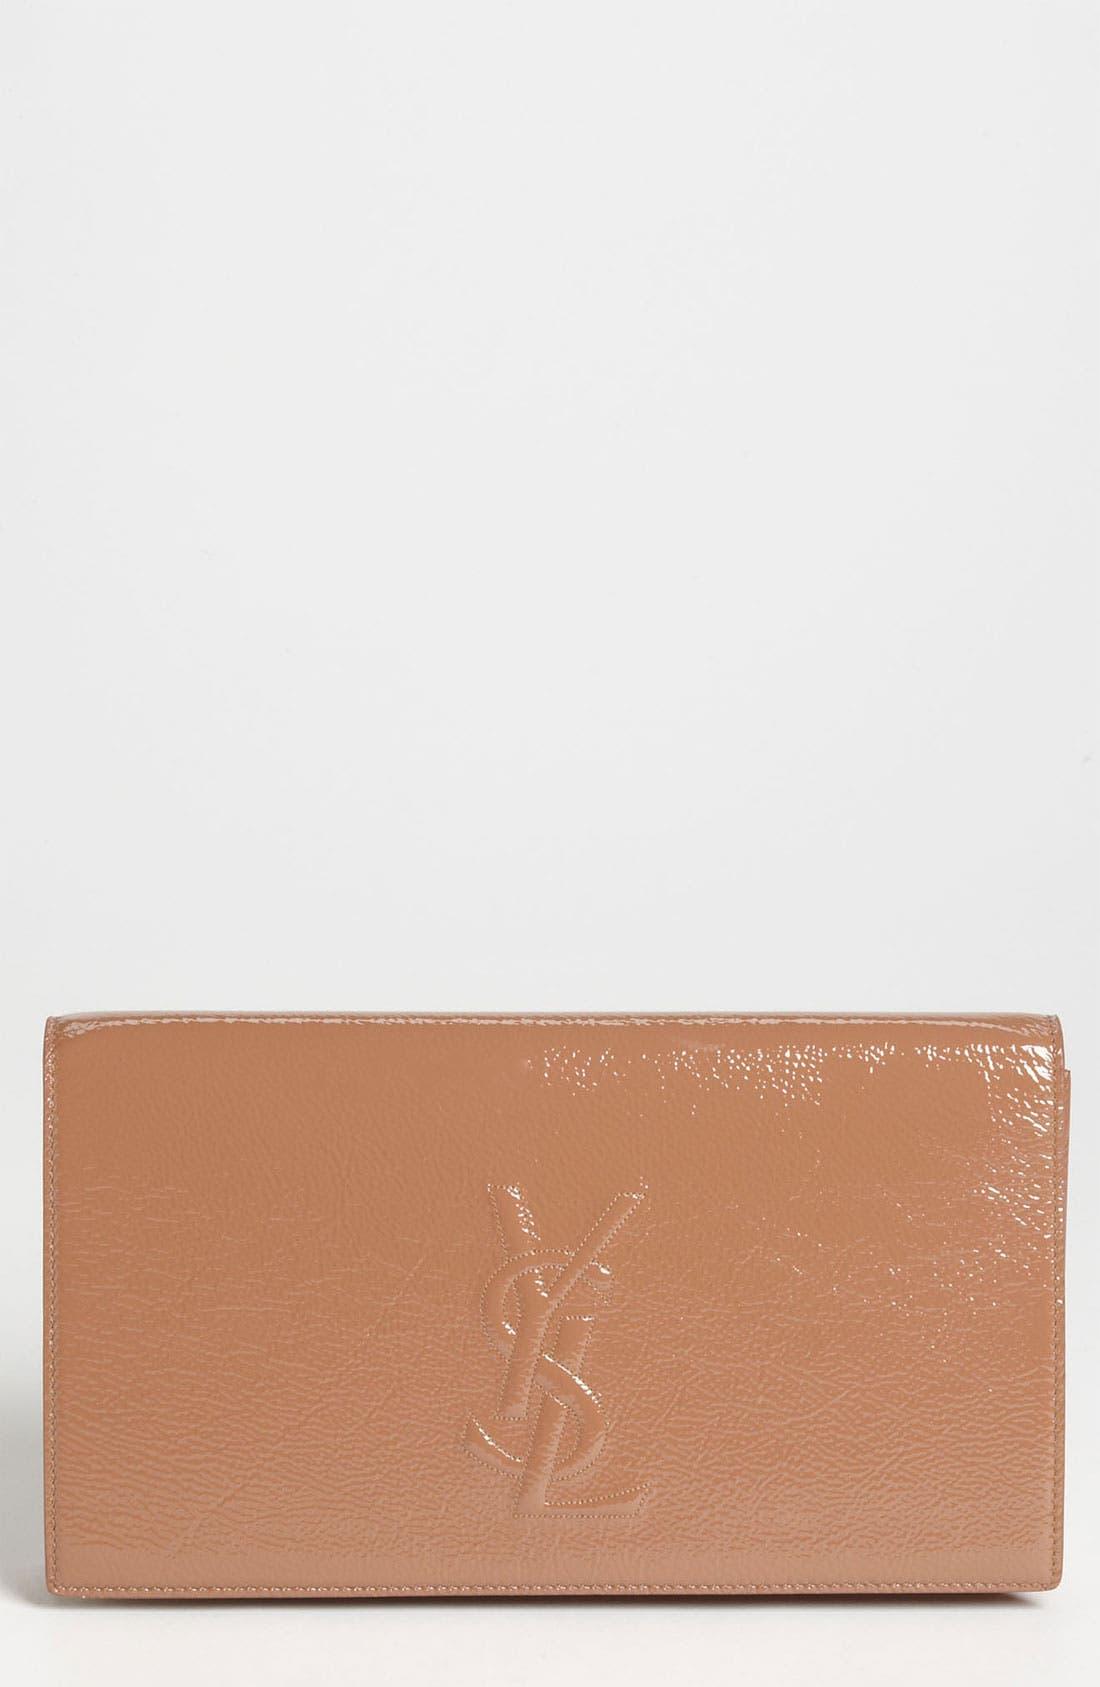 Alternate Image 1 Selected - Saint Laurent 'Belle de Jour' Patent Leather Clutch